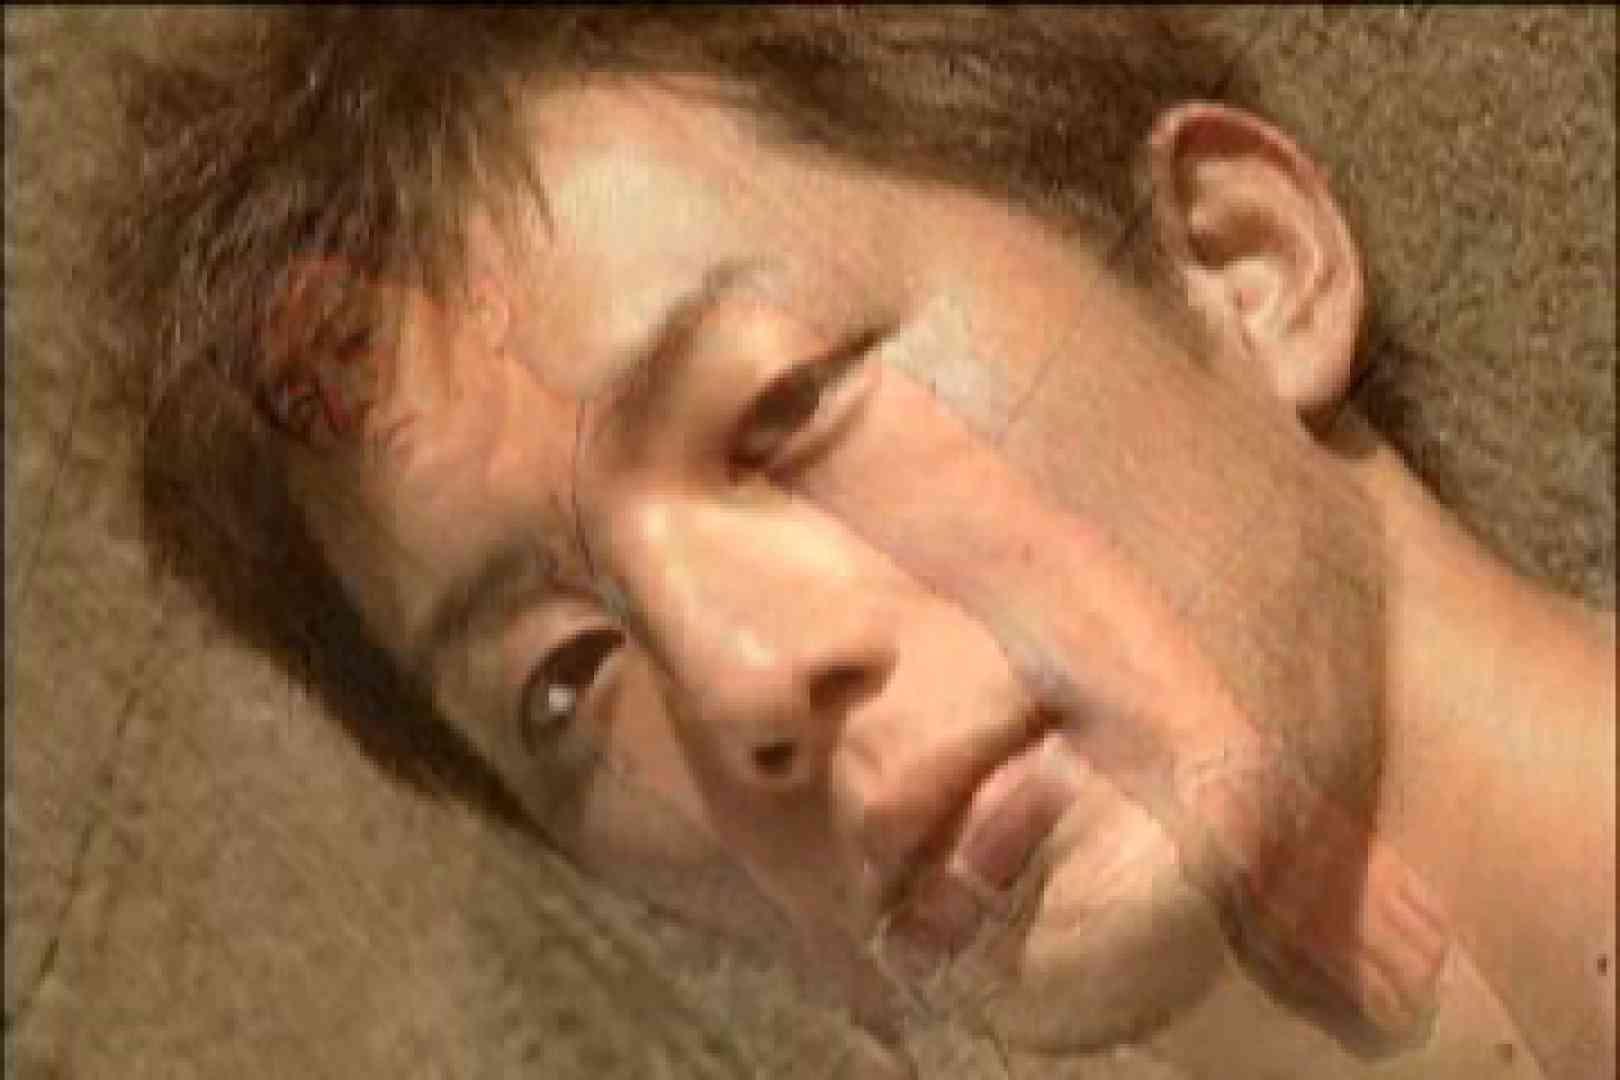 イケメン☆パラダイス〜男ざかりの君たちへ〜vol.4 フェラ ゲイ素人エロ画像 96枚 3